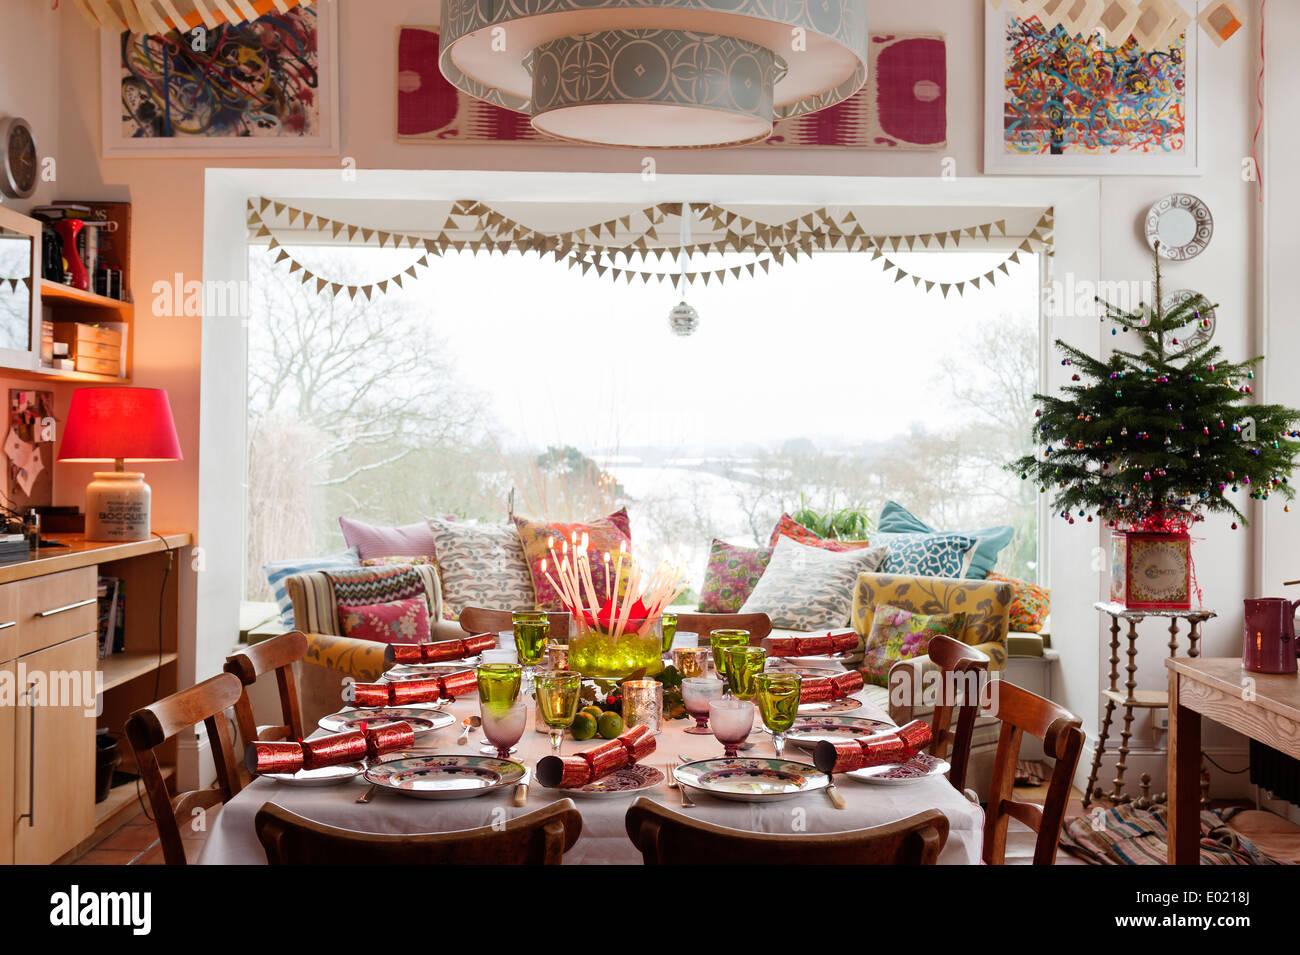 Comedor con mesa decorada de Navidad Imagen De Stock